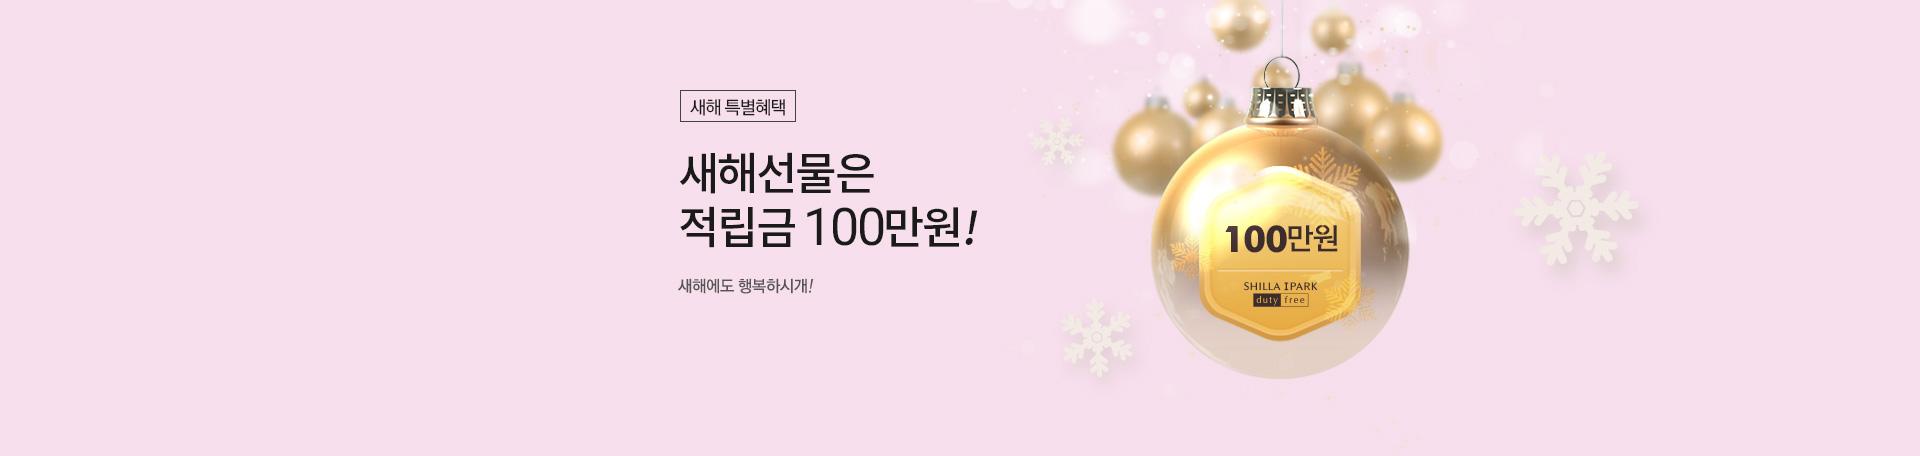 새해선물 100만원